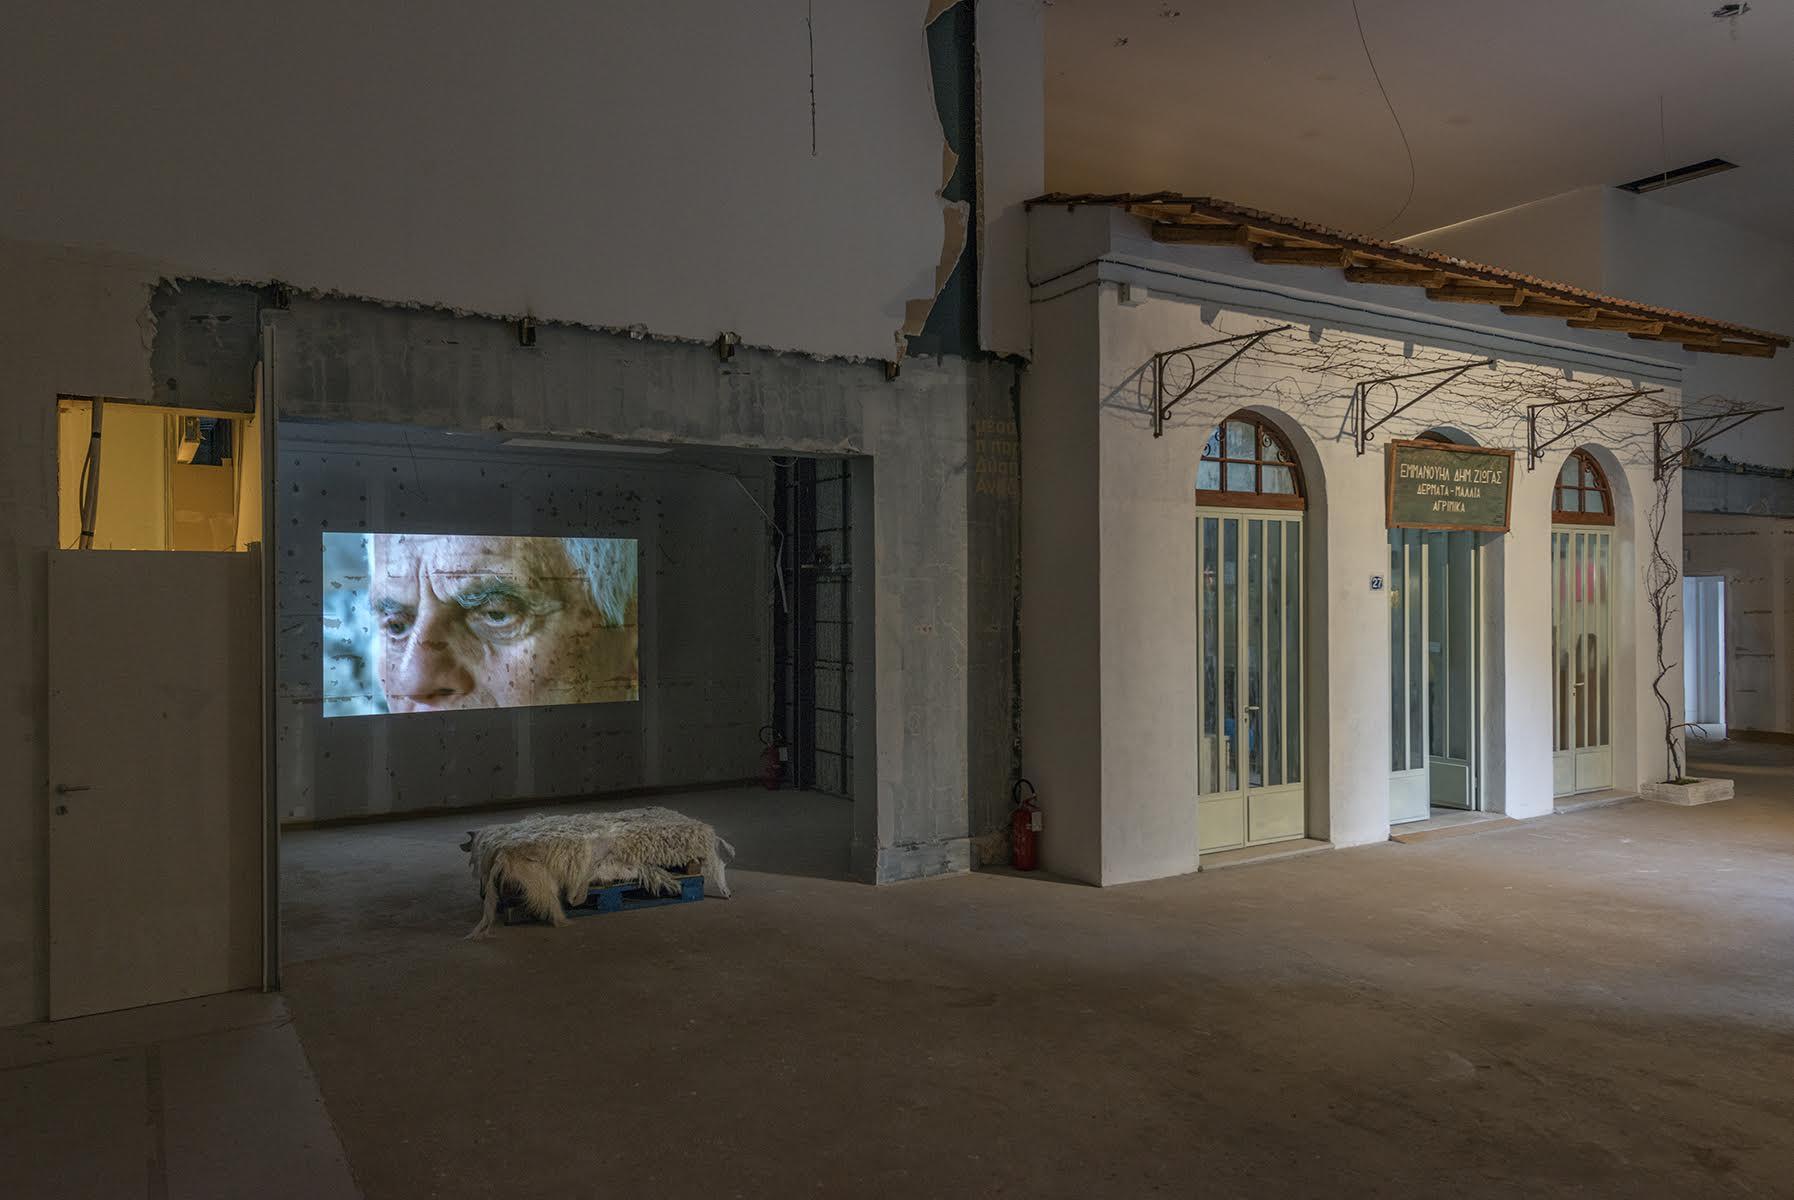 Maria-Papadsimitriou-work Artistët shqiptarë i bashkohen problemeve të përbashkëta në ekspozitën në Shkup